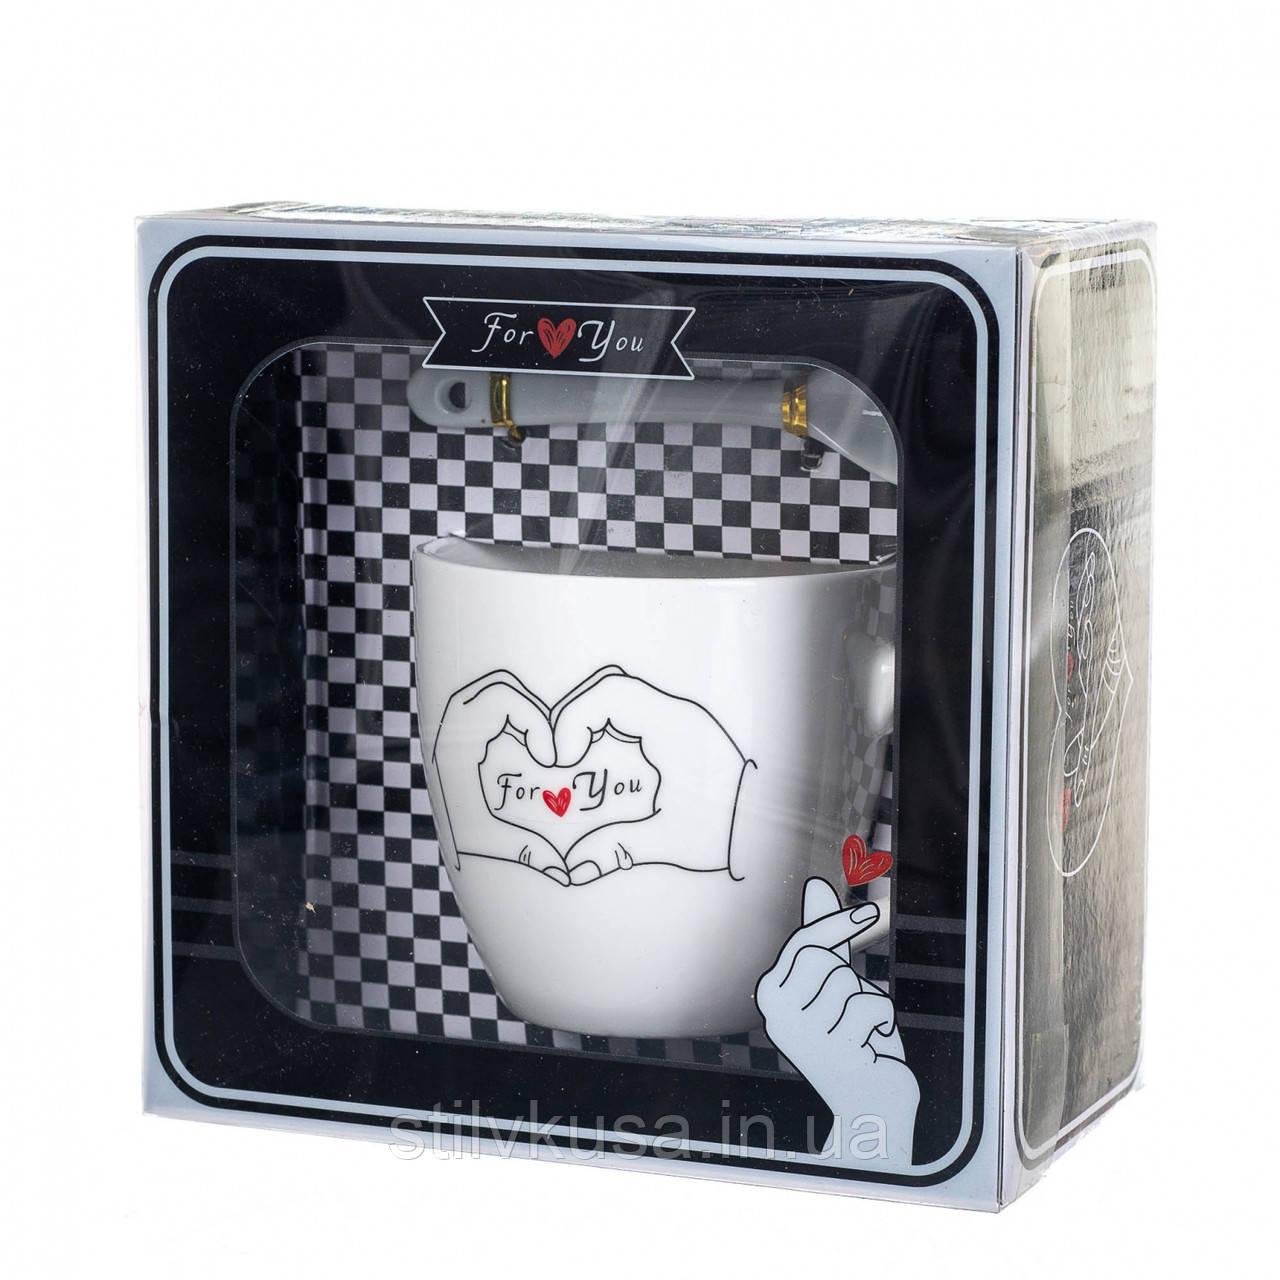 Чашка For You, 150 мл. Рандомный выбор дизайна